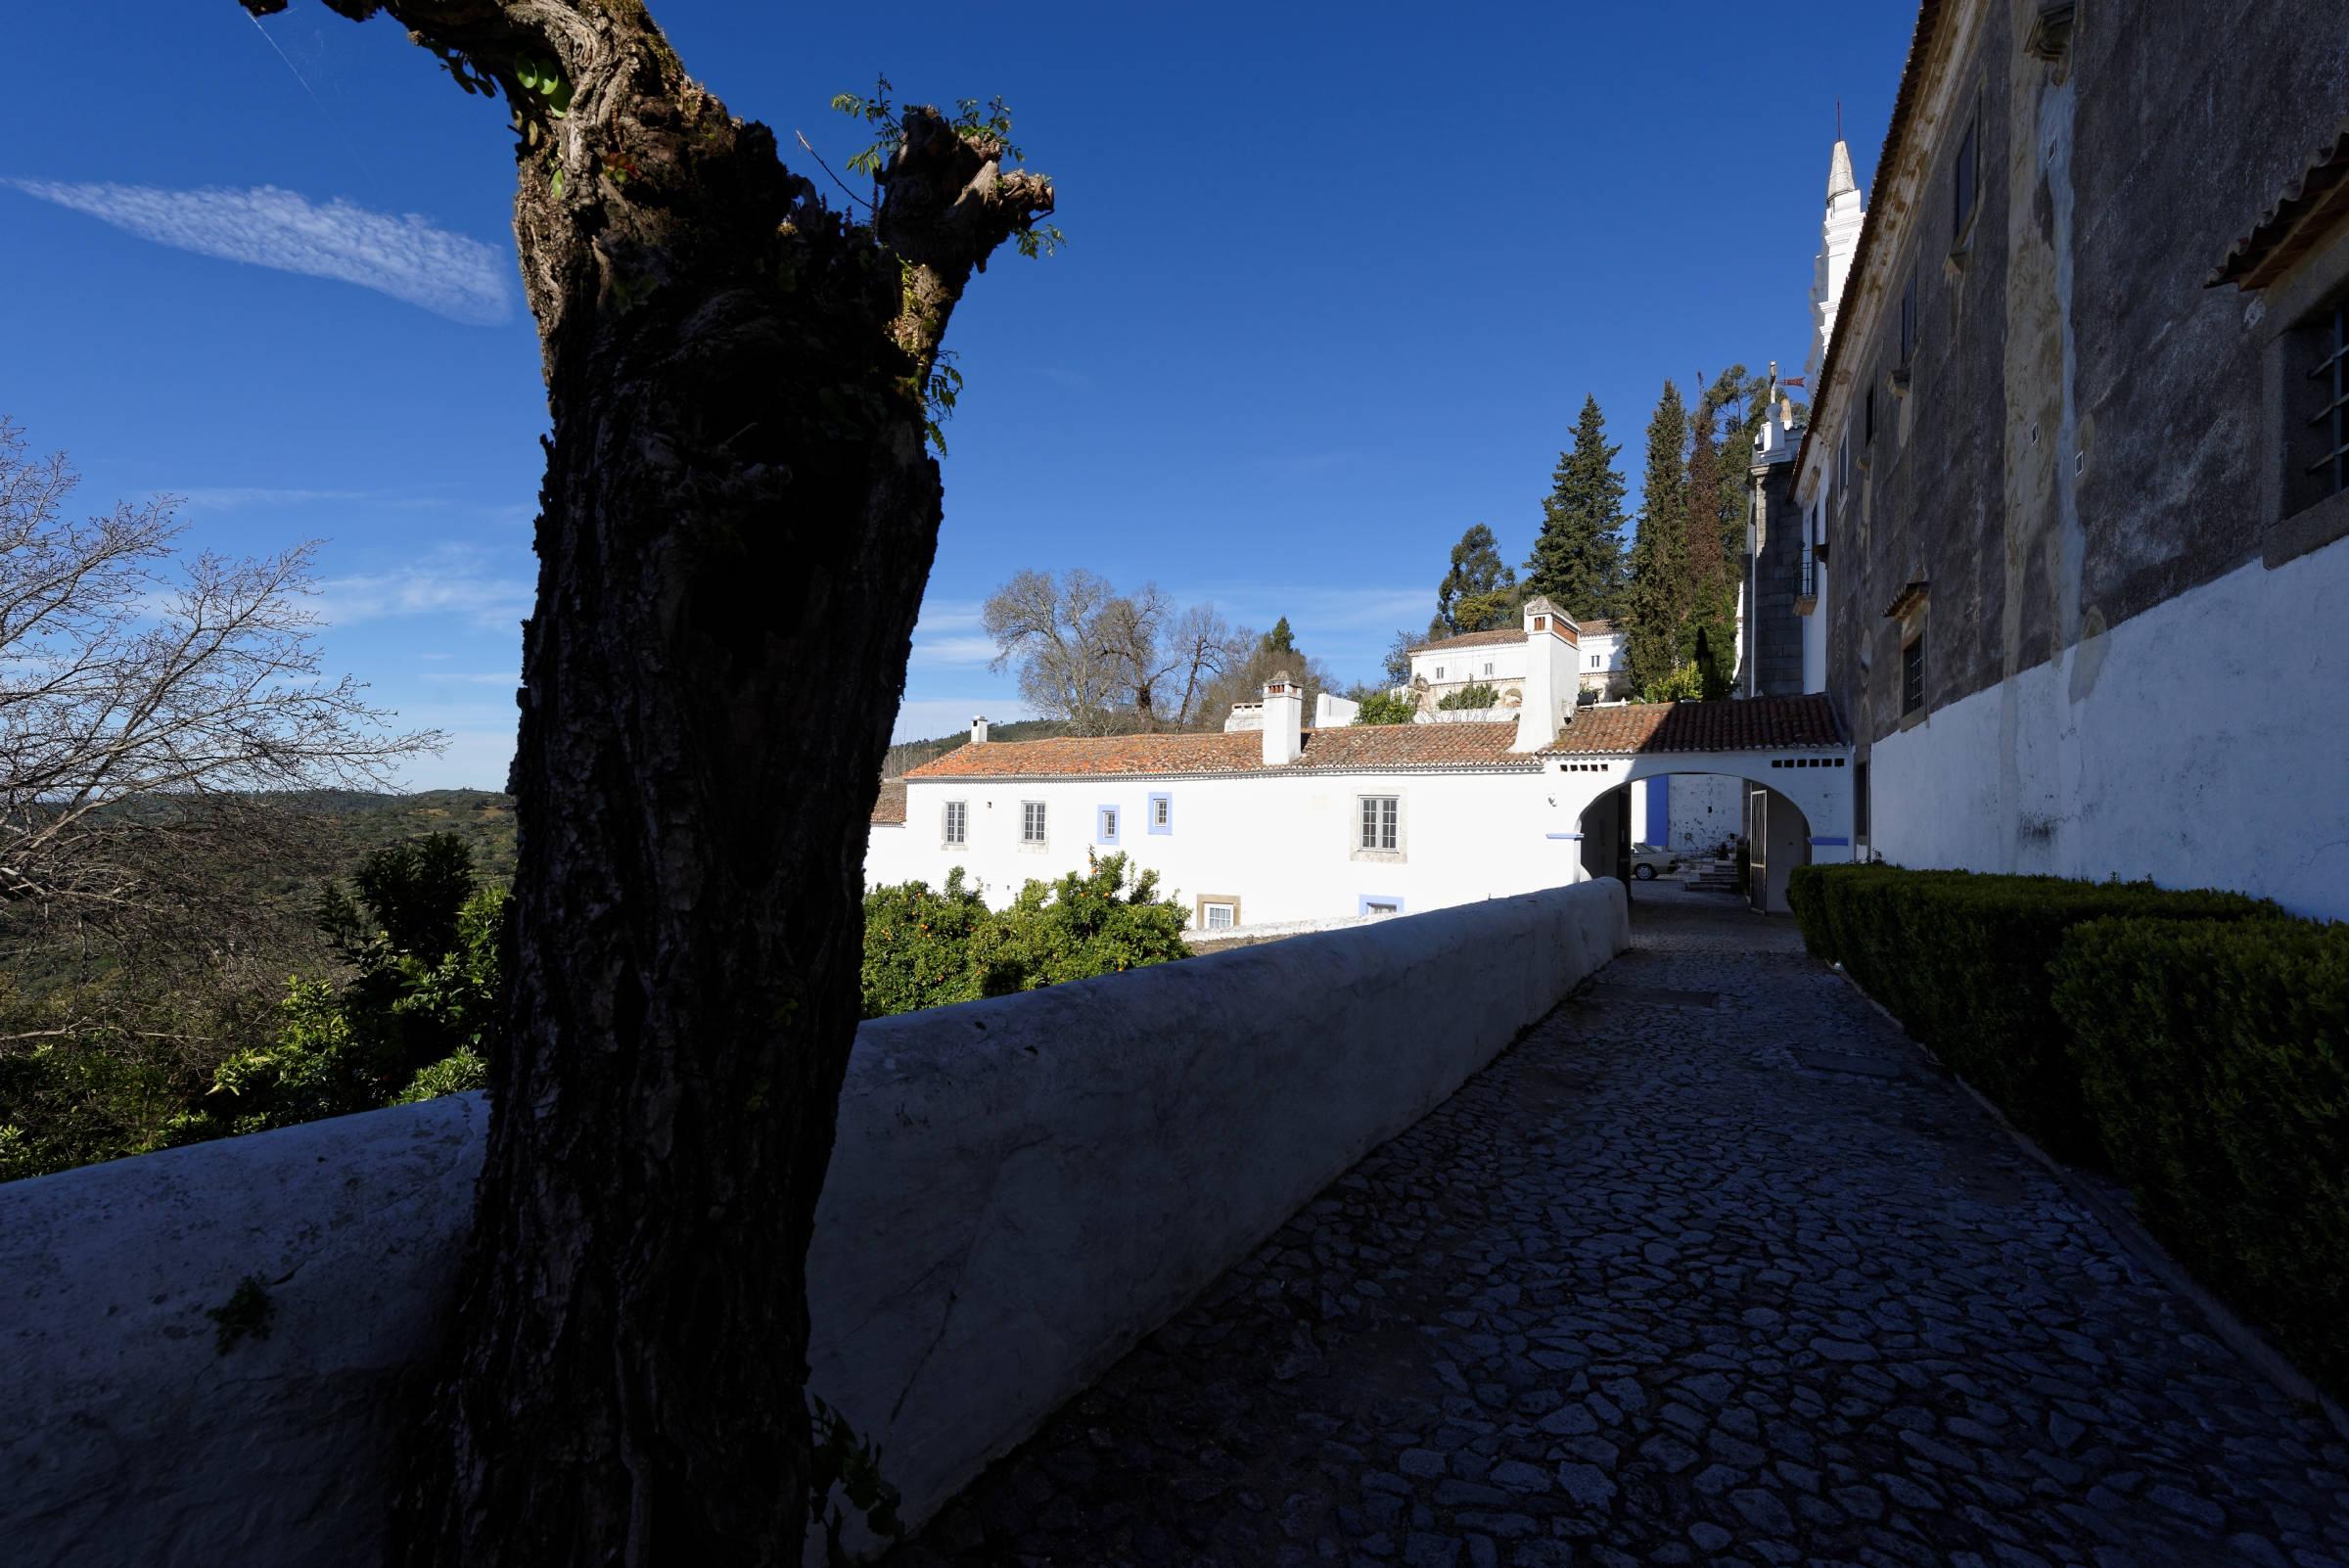 160407-Convento de sao paulo (Alentero Portugal) (167)